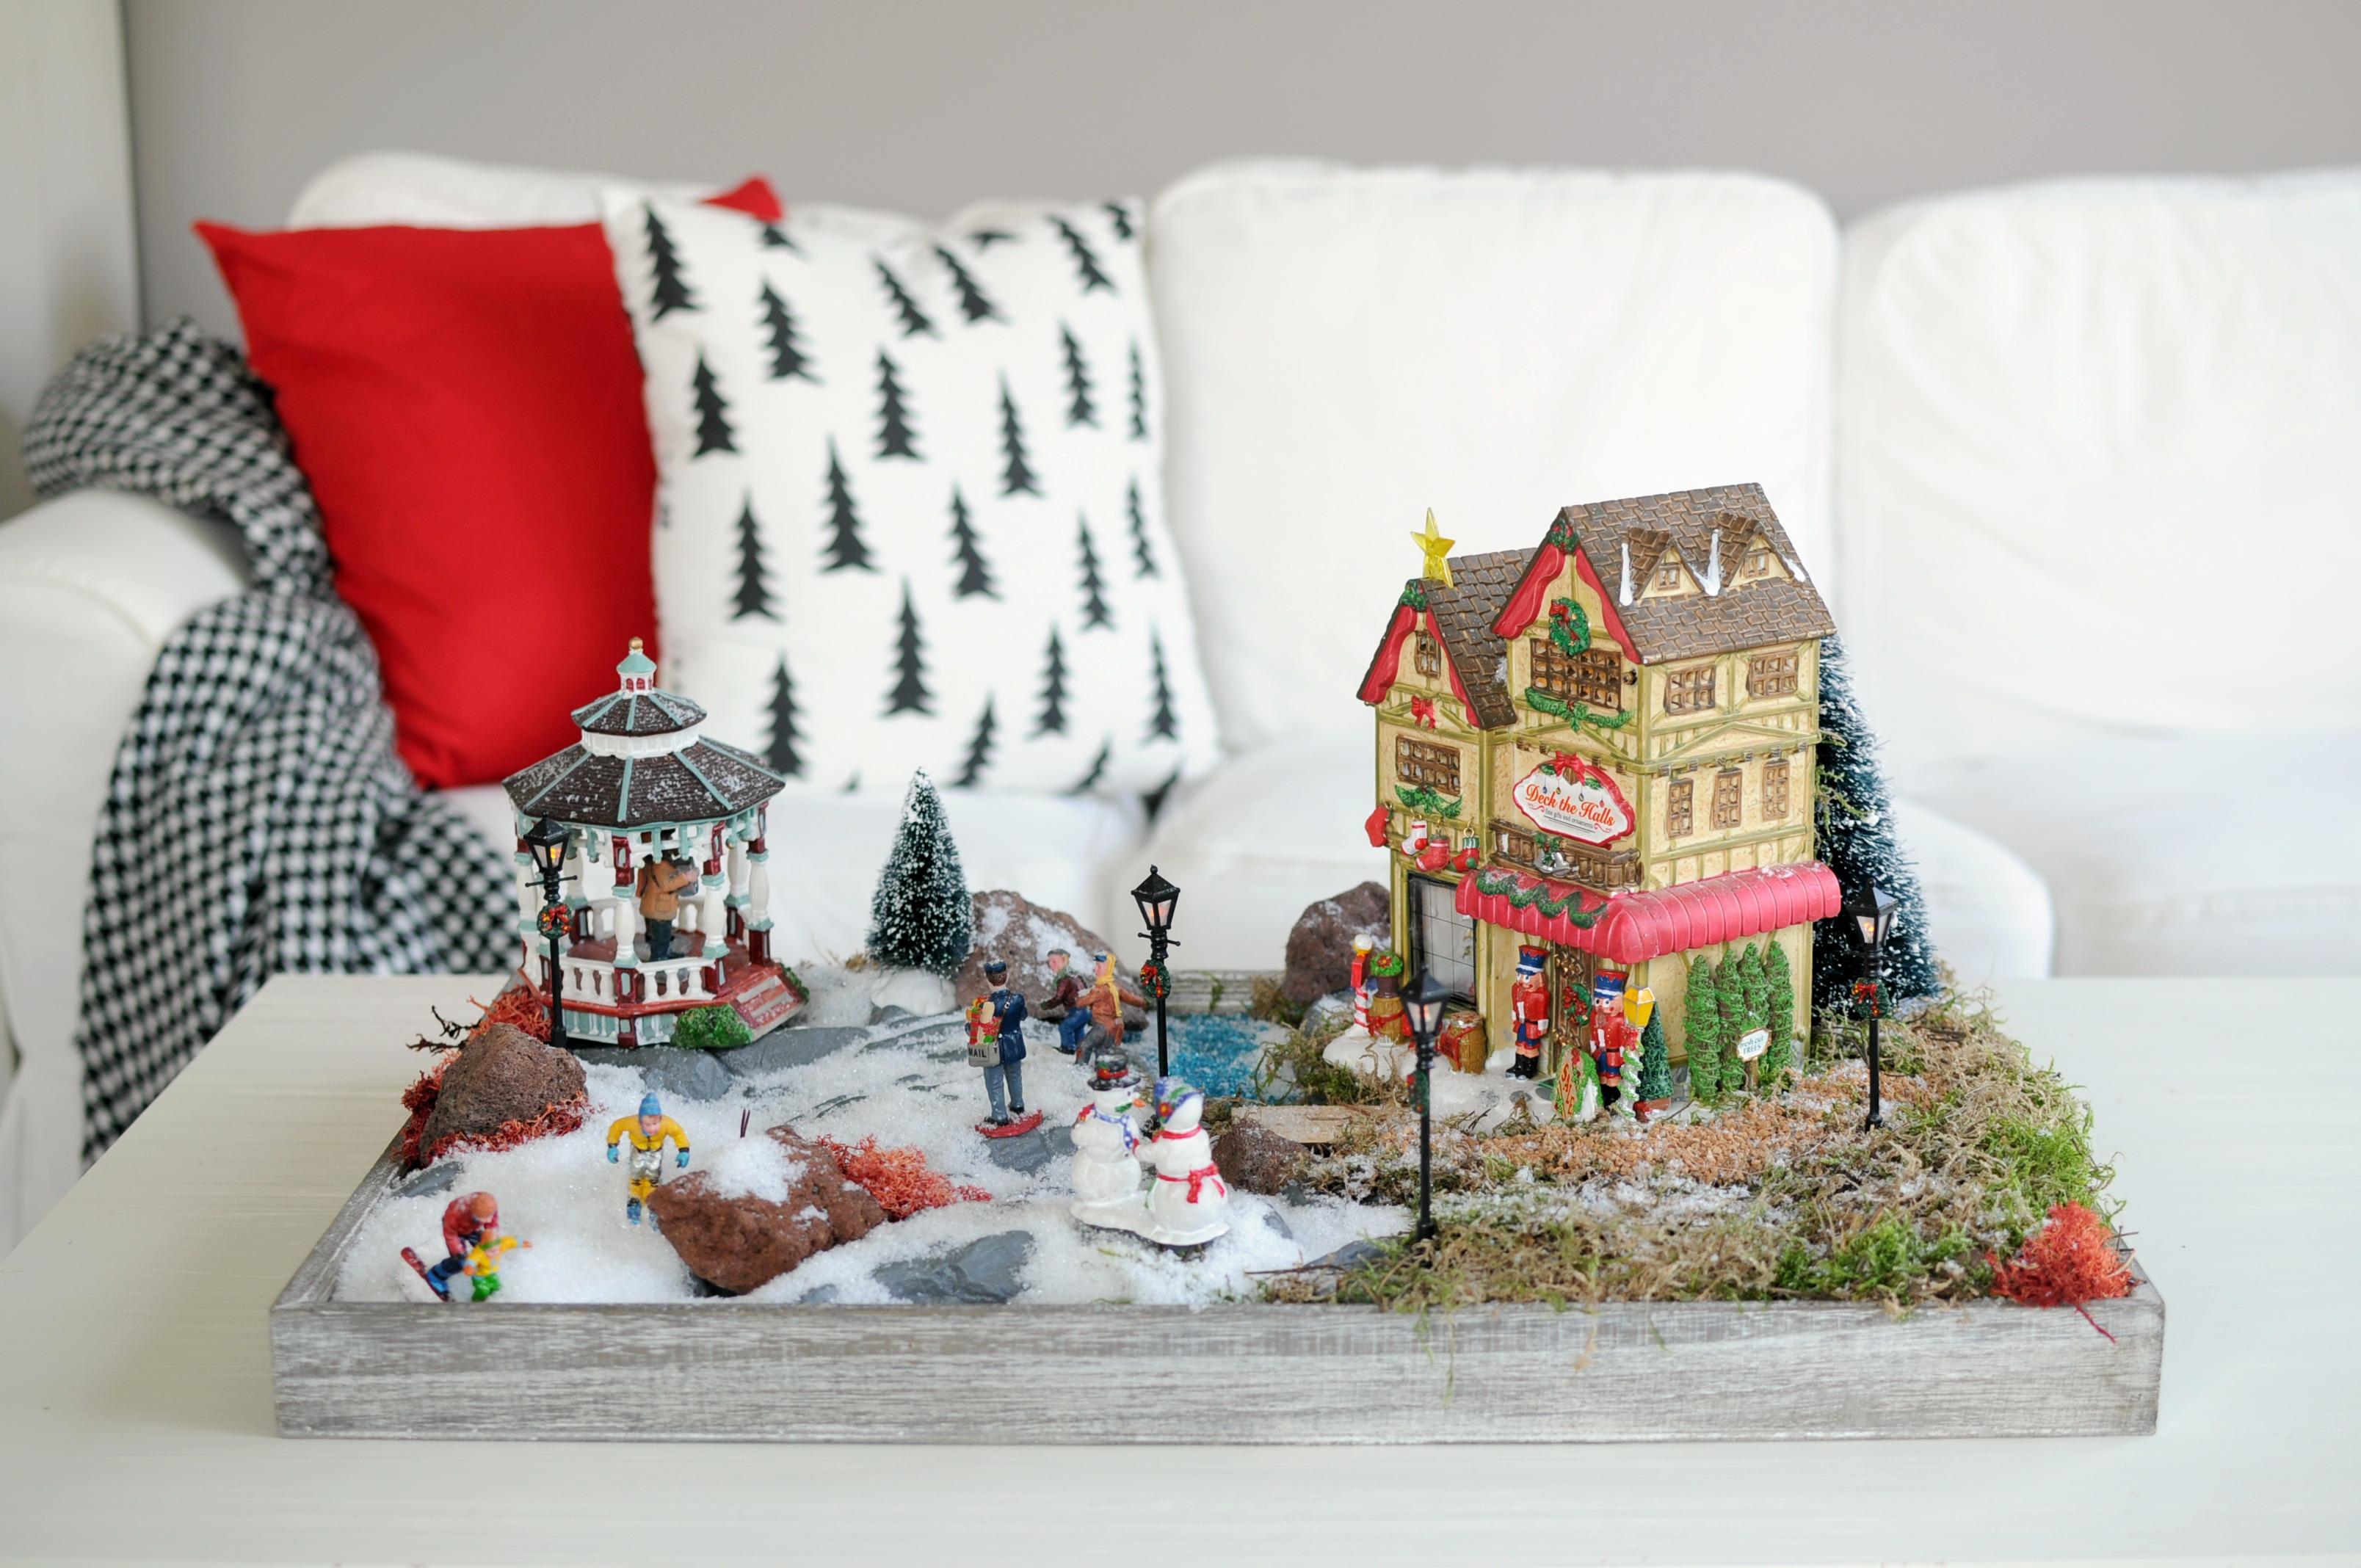 kerstdorpje maken op een dienblad